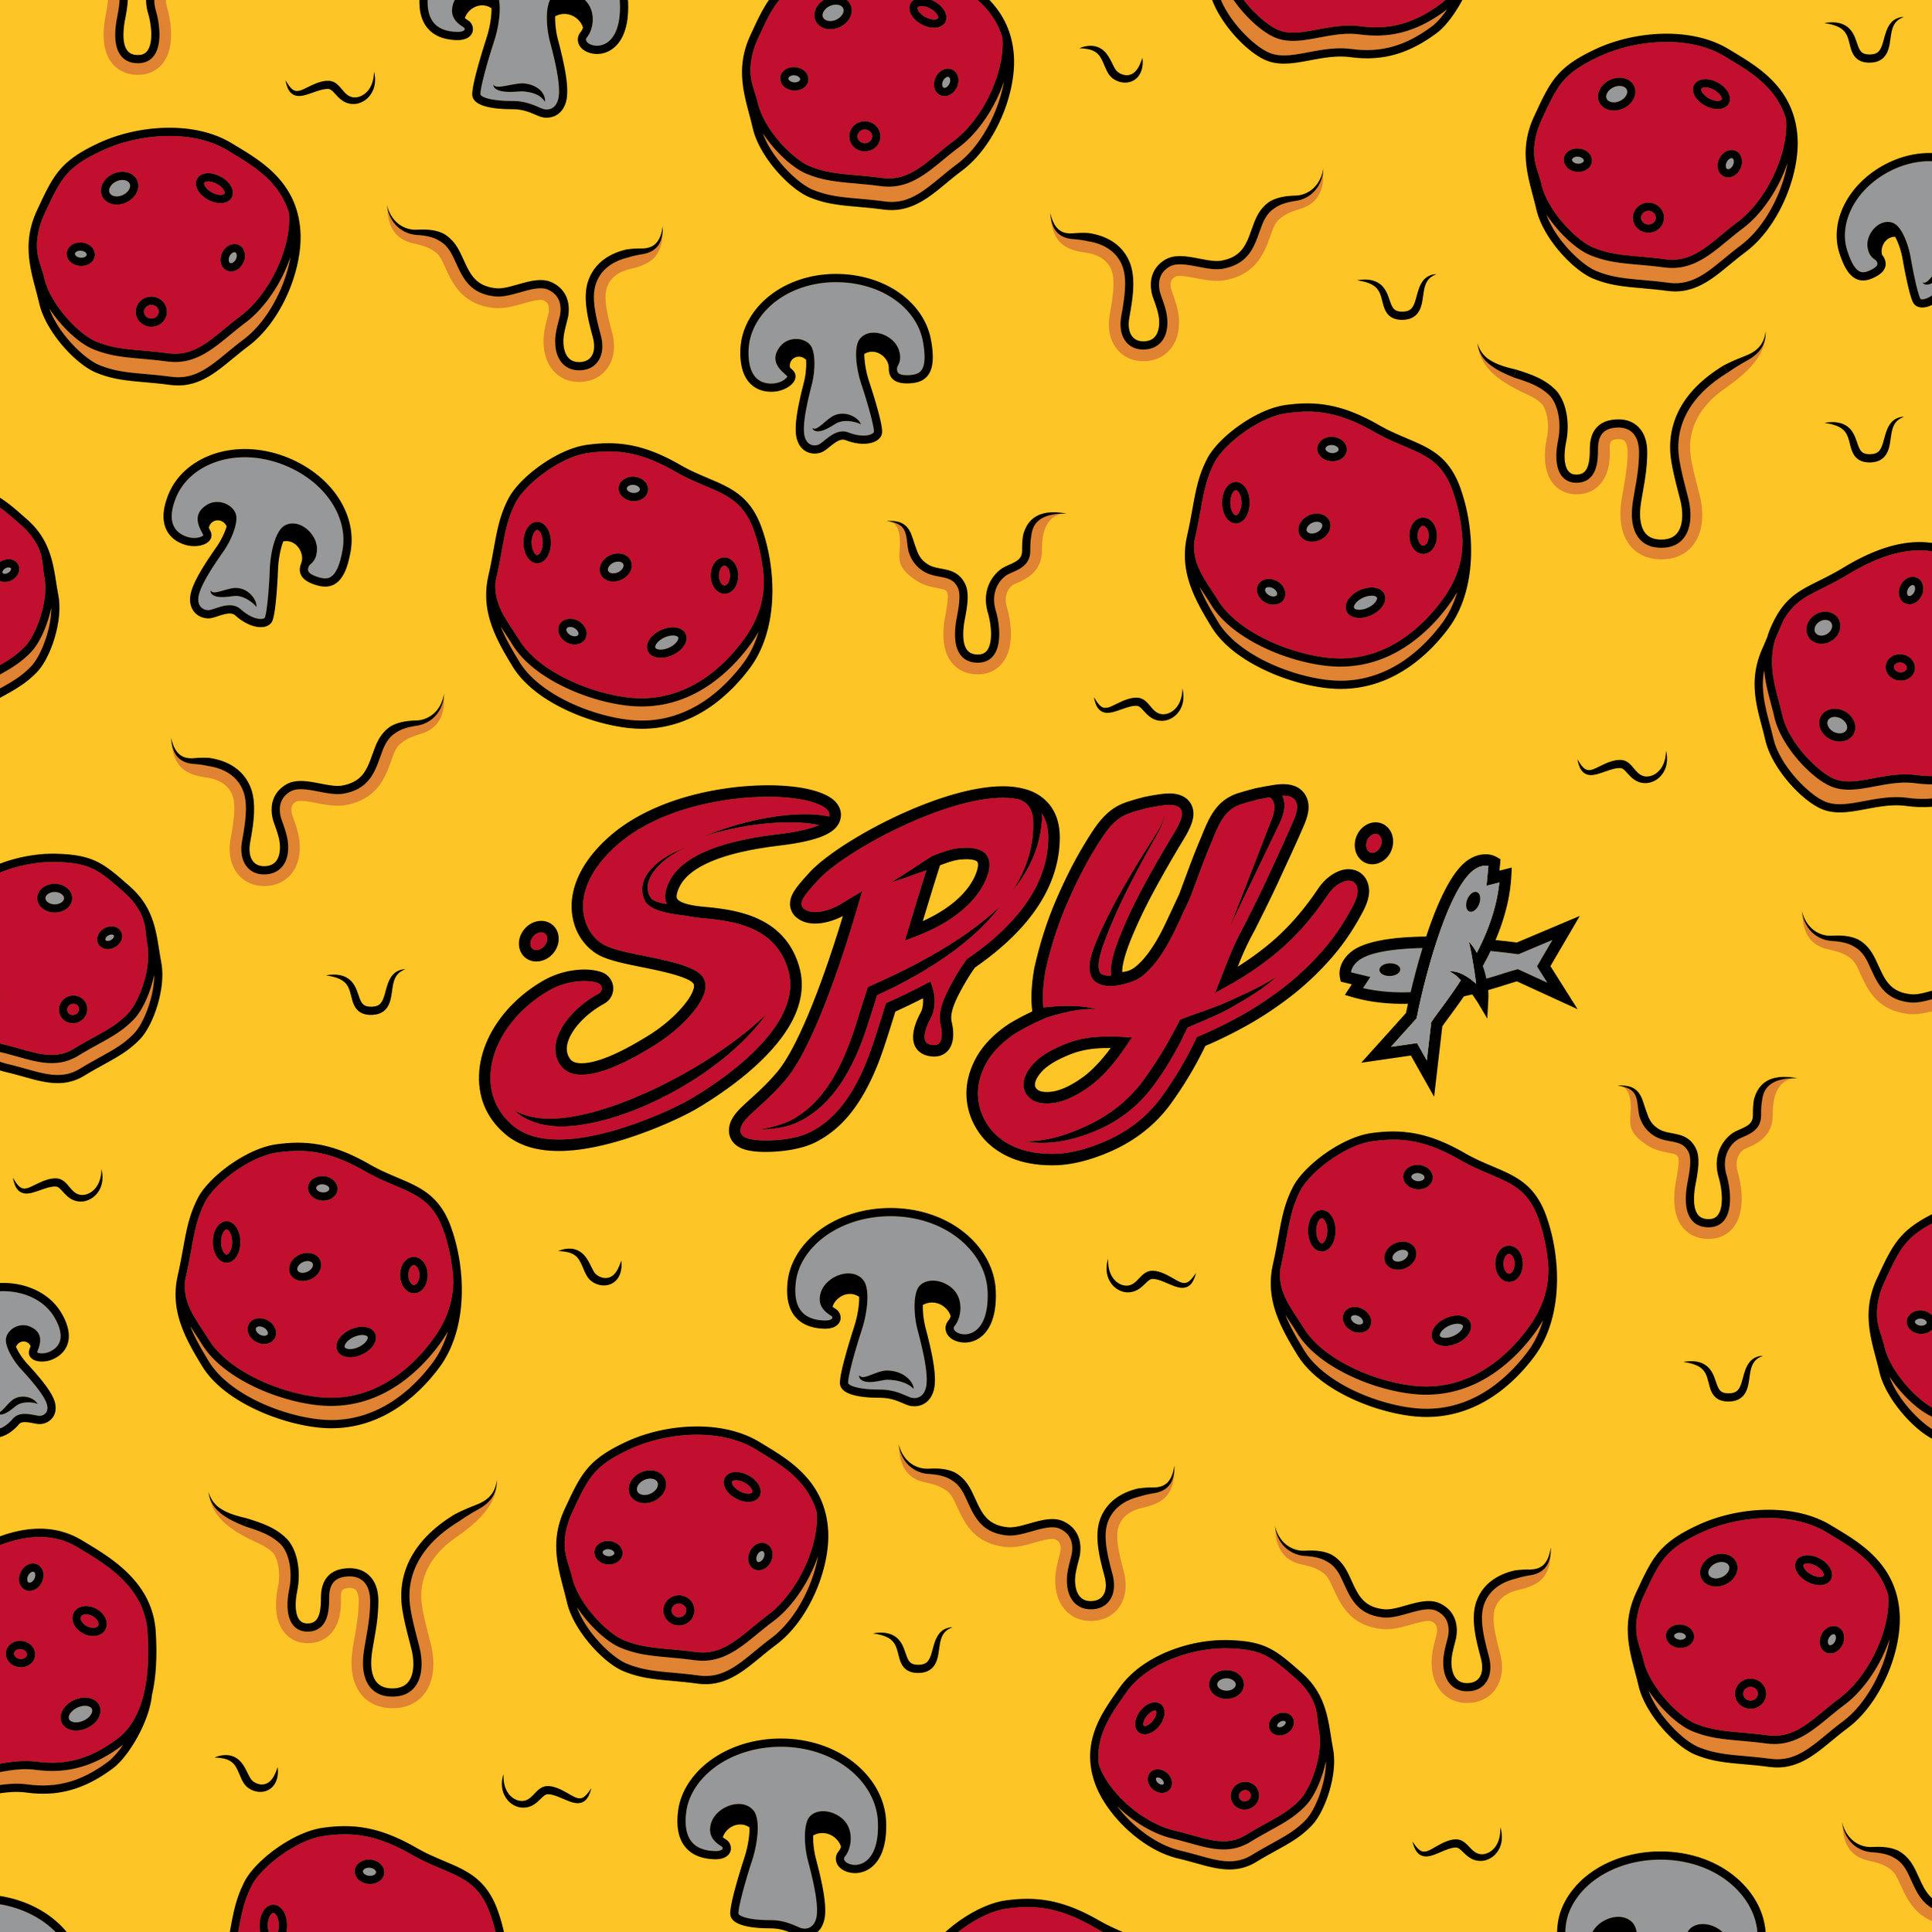 18-Spy-Pizza-2542-2542.jpg